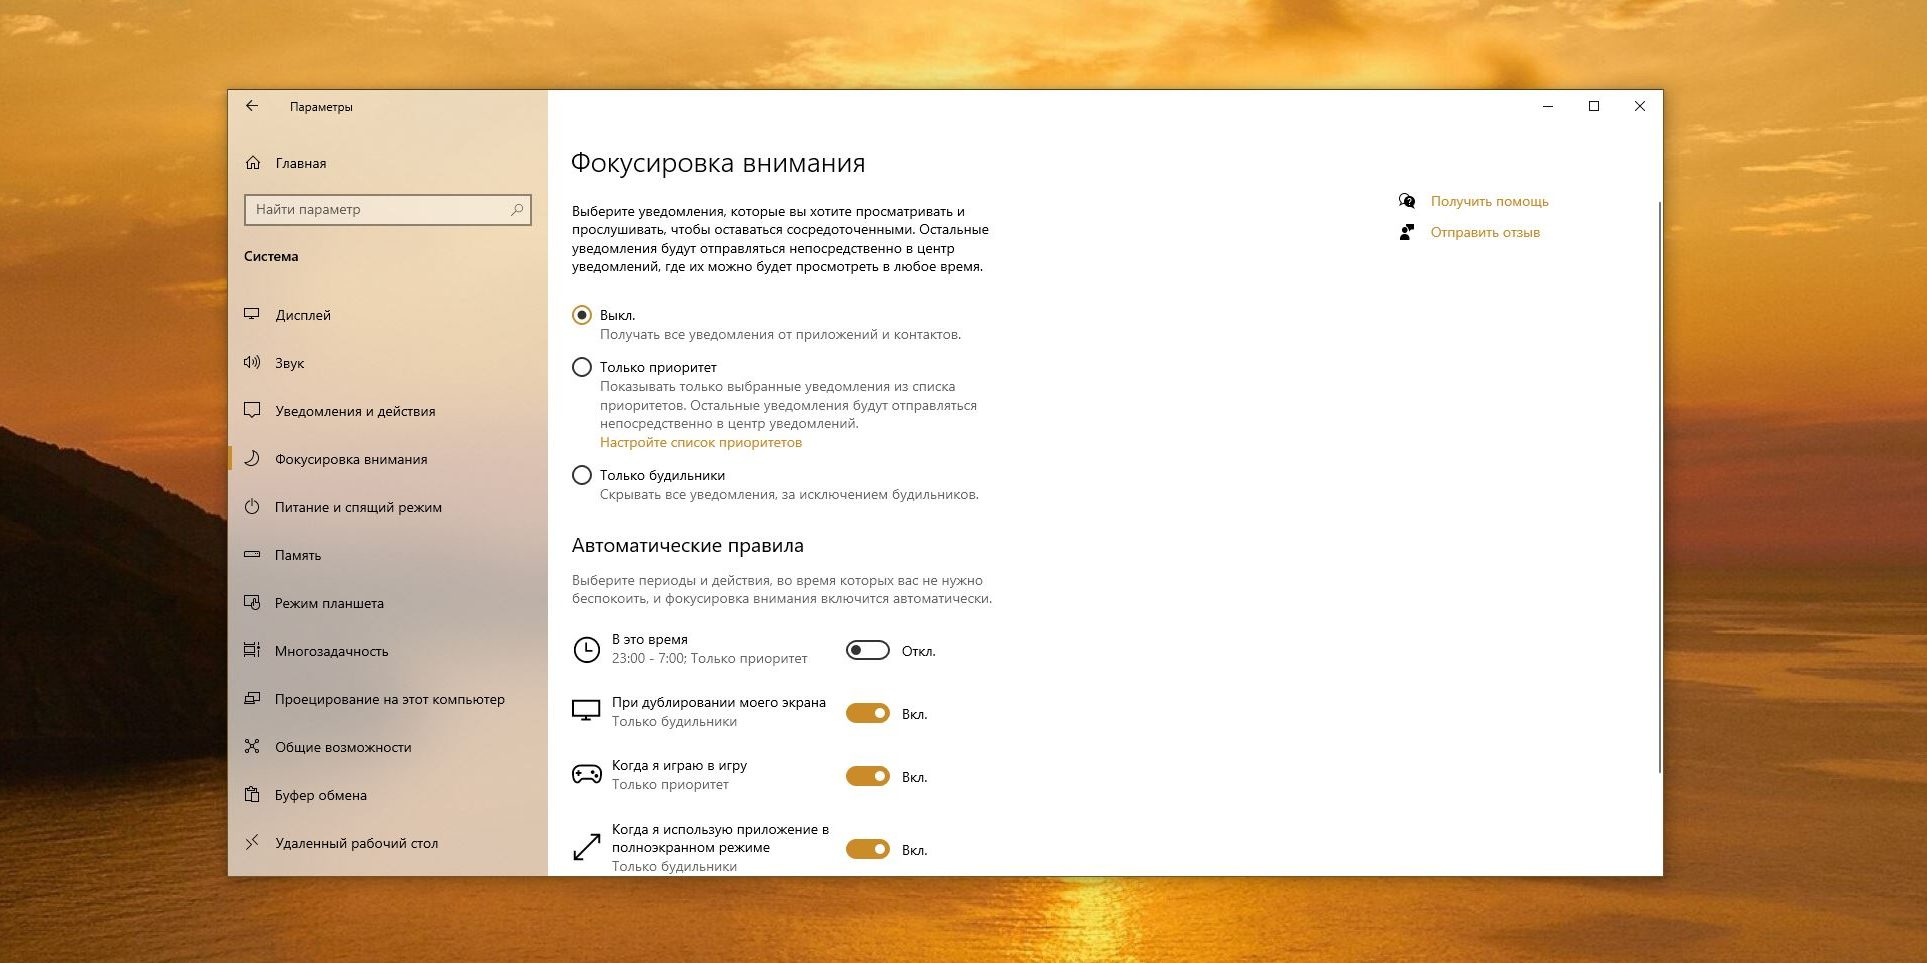 9 nstrument v dlya borot bi z prokrastinac yu pri v ddalen y robot 5 - 9 інструментів для боротьби з прокрастинацією при віддаленій роботі